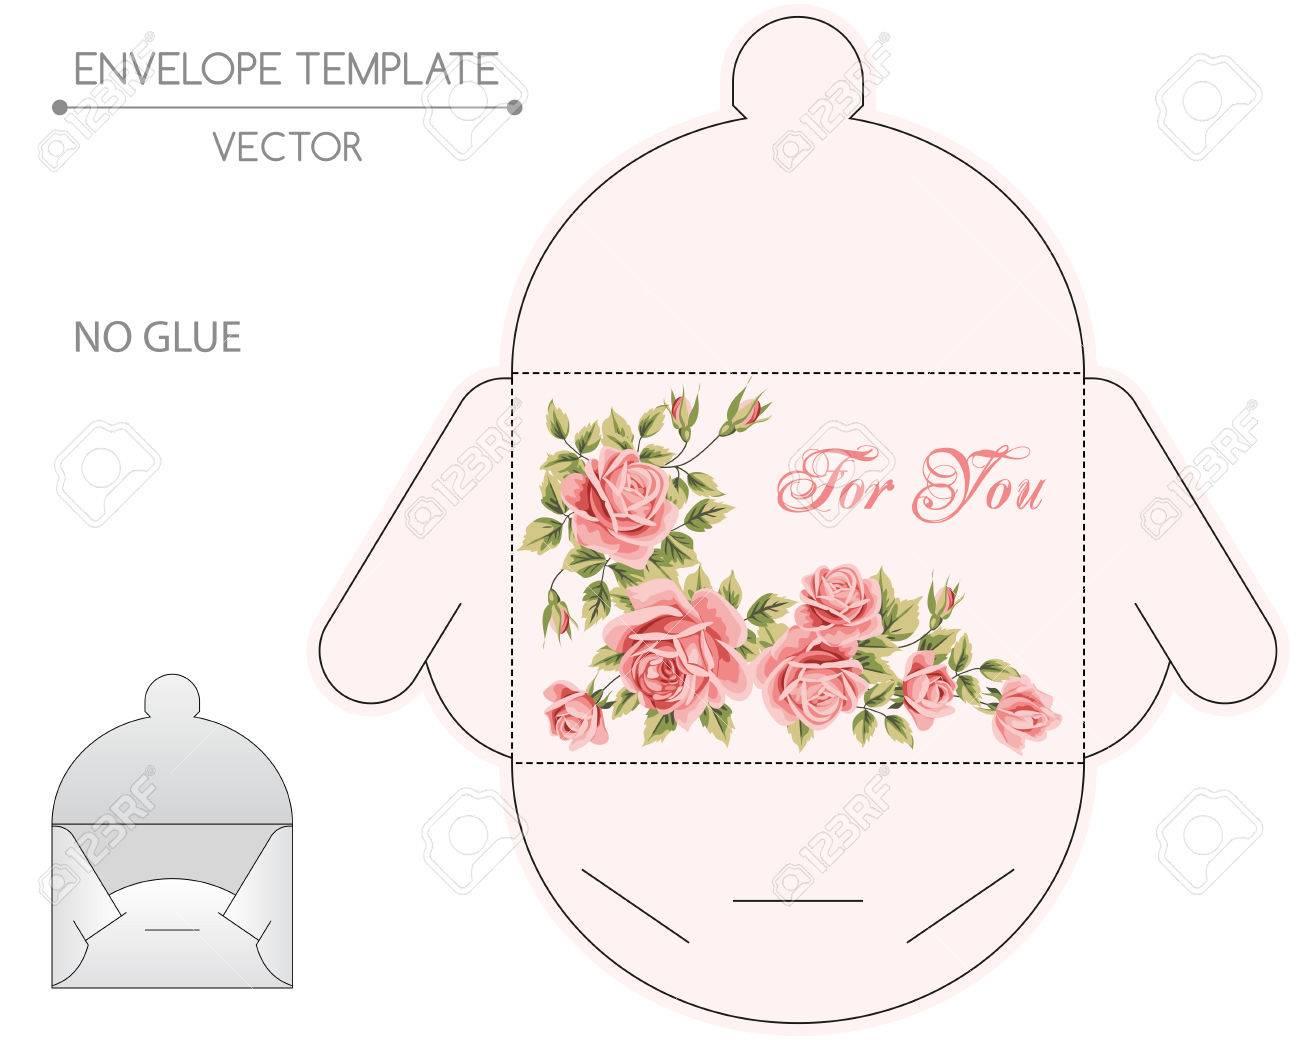 Vector Plantilla De Sobre Con Diseño Floral. Estampar Ilustraciones ...